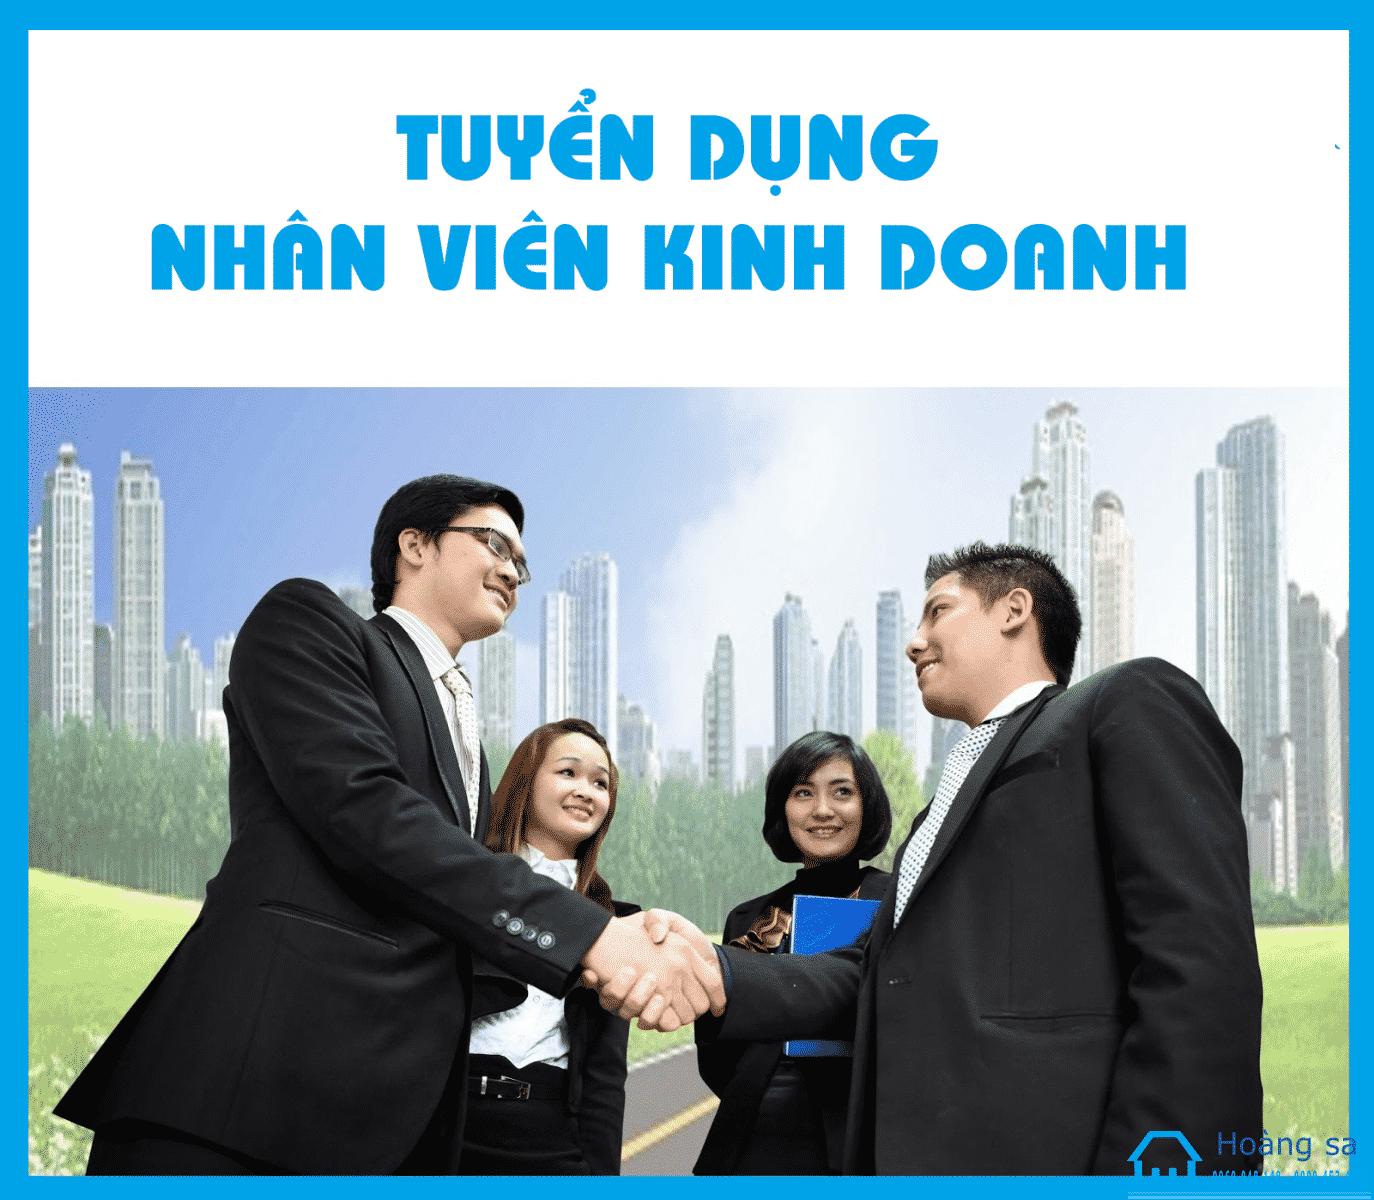 Tuyen Nhan Vien Kinh Doanh